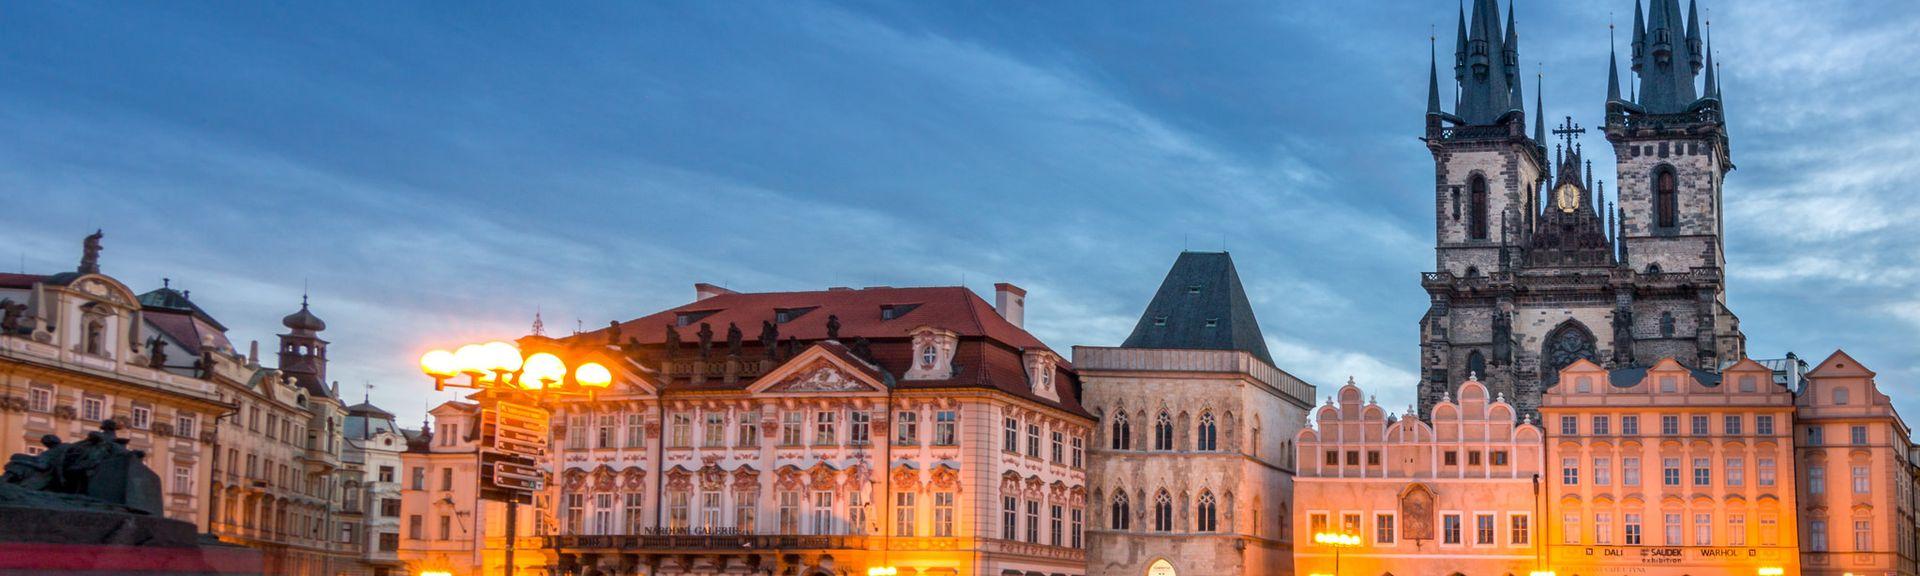 Hradčany, Prague, Central Bohemian Region, Czechia